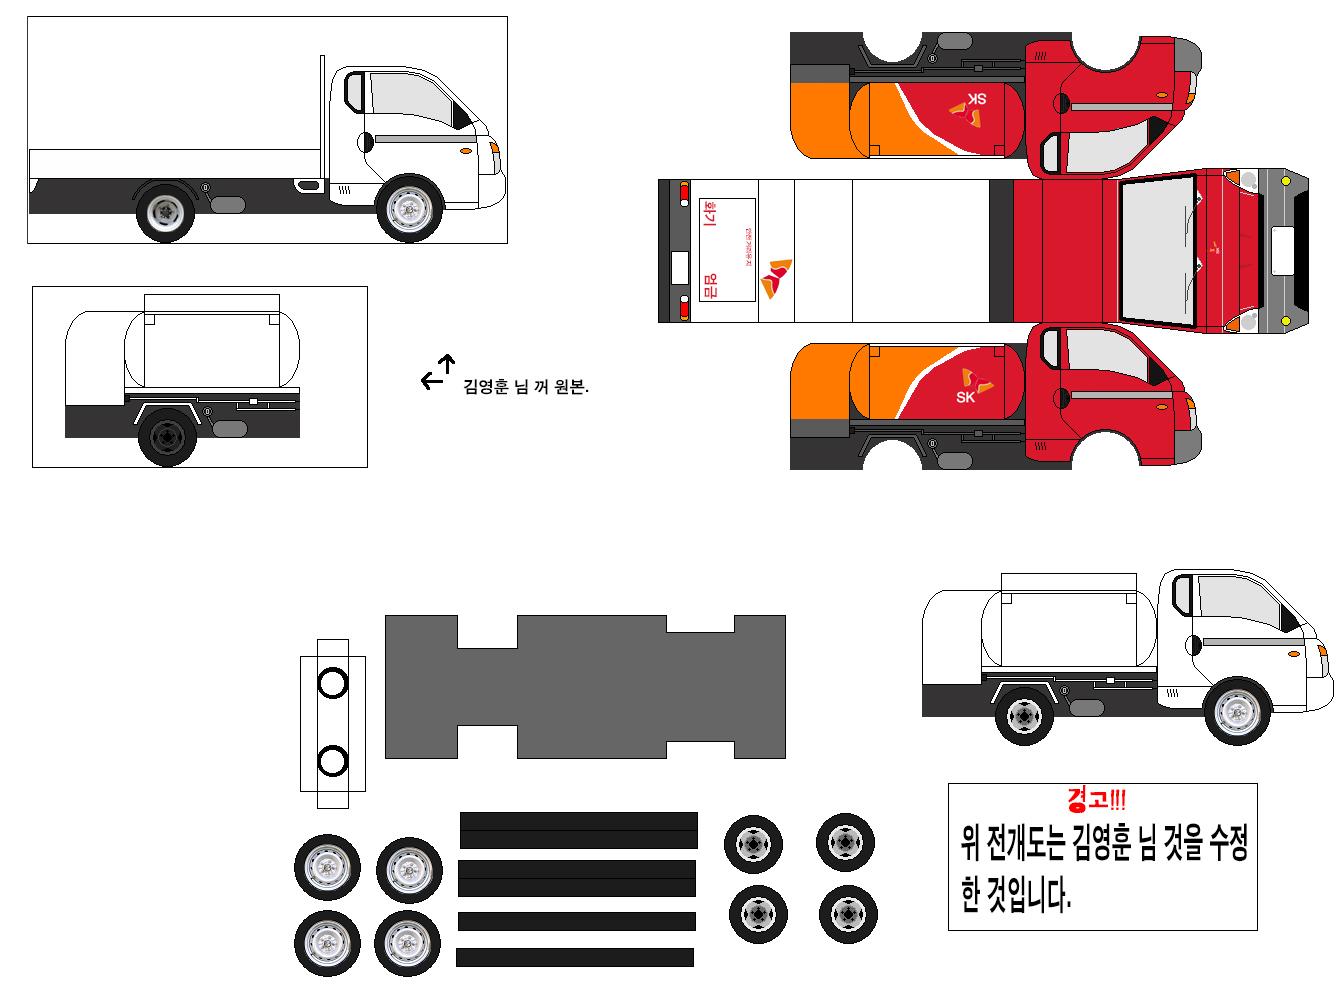 현대 포터2 초장축 슈퍼캐빈 카고트럭 유조차(2004_) 수정...2.jpg